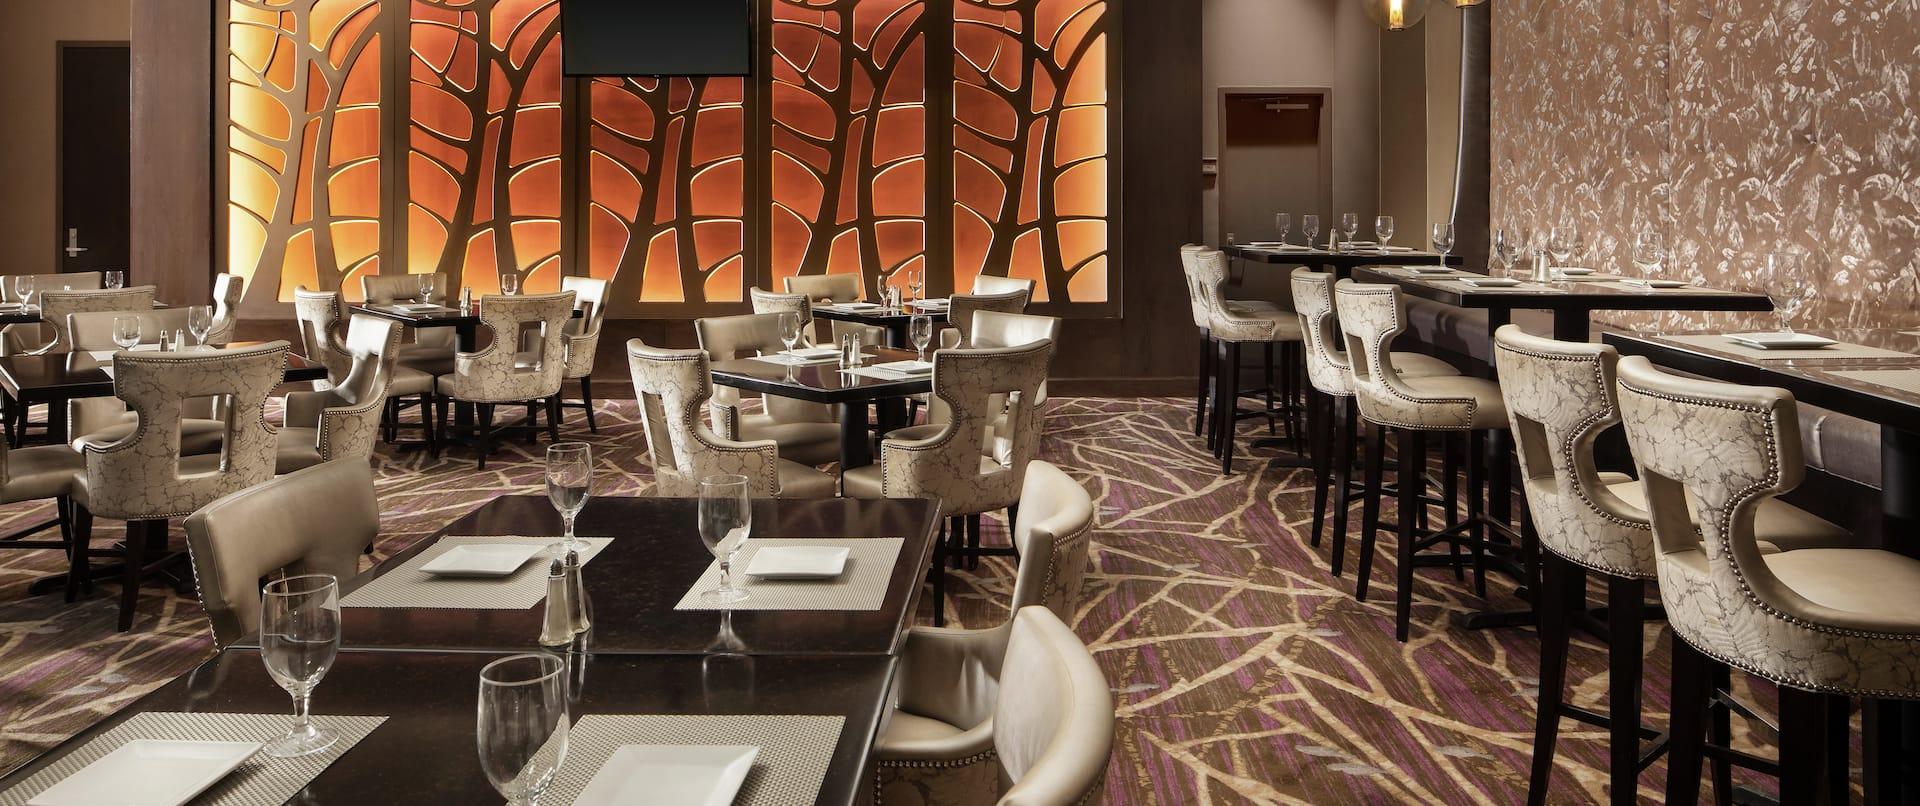 Tap Twelve Restaurant